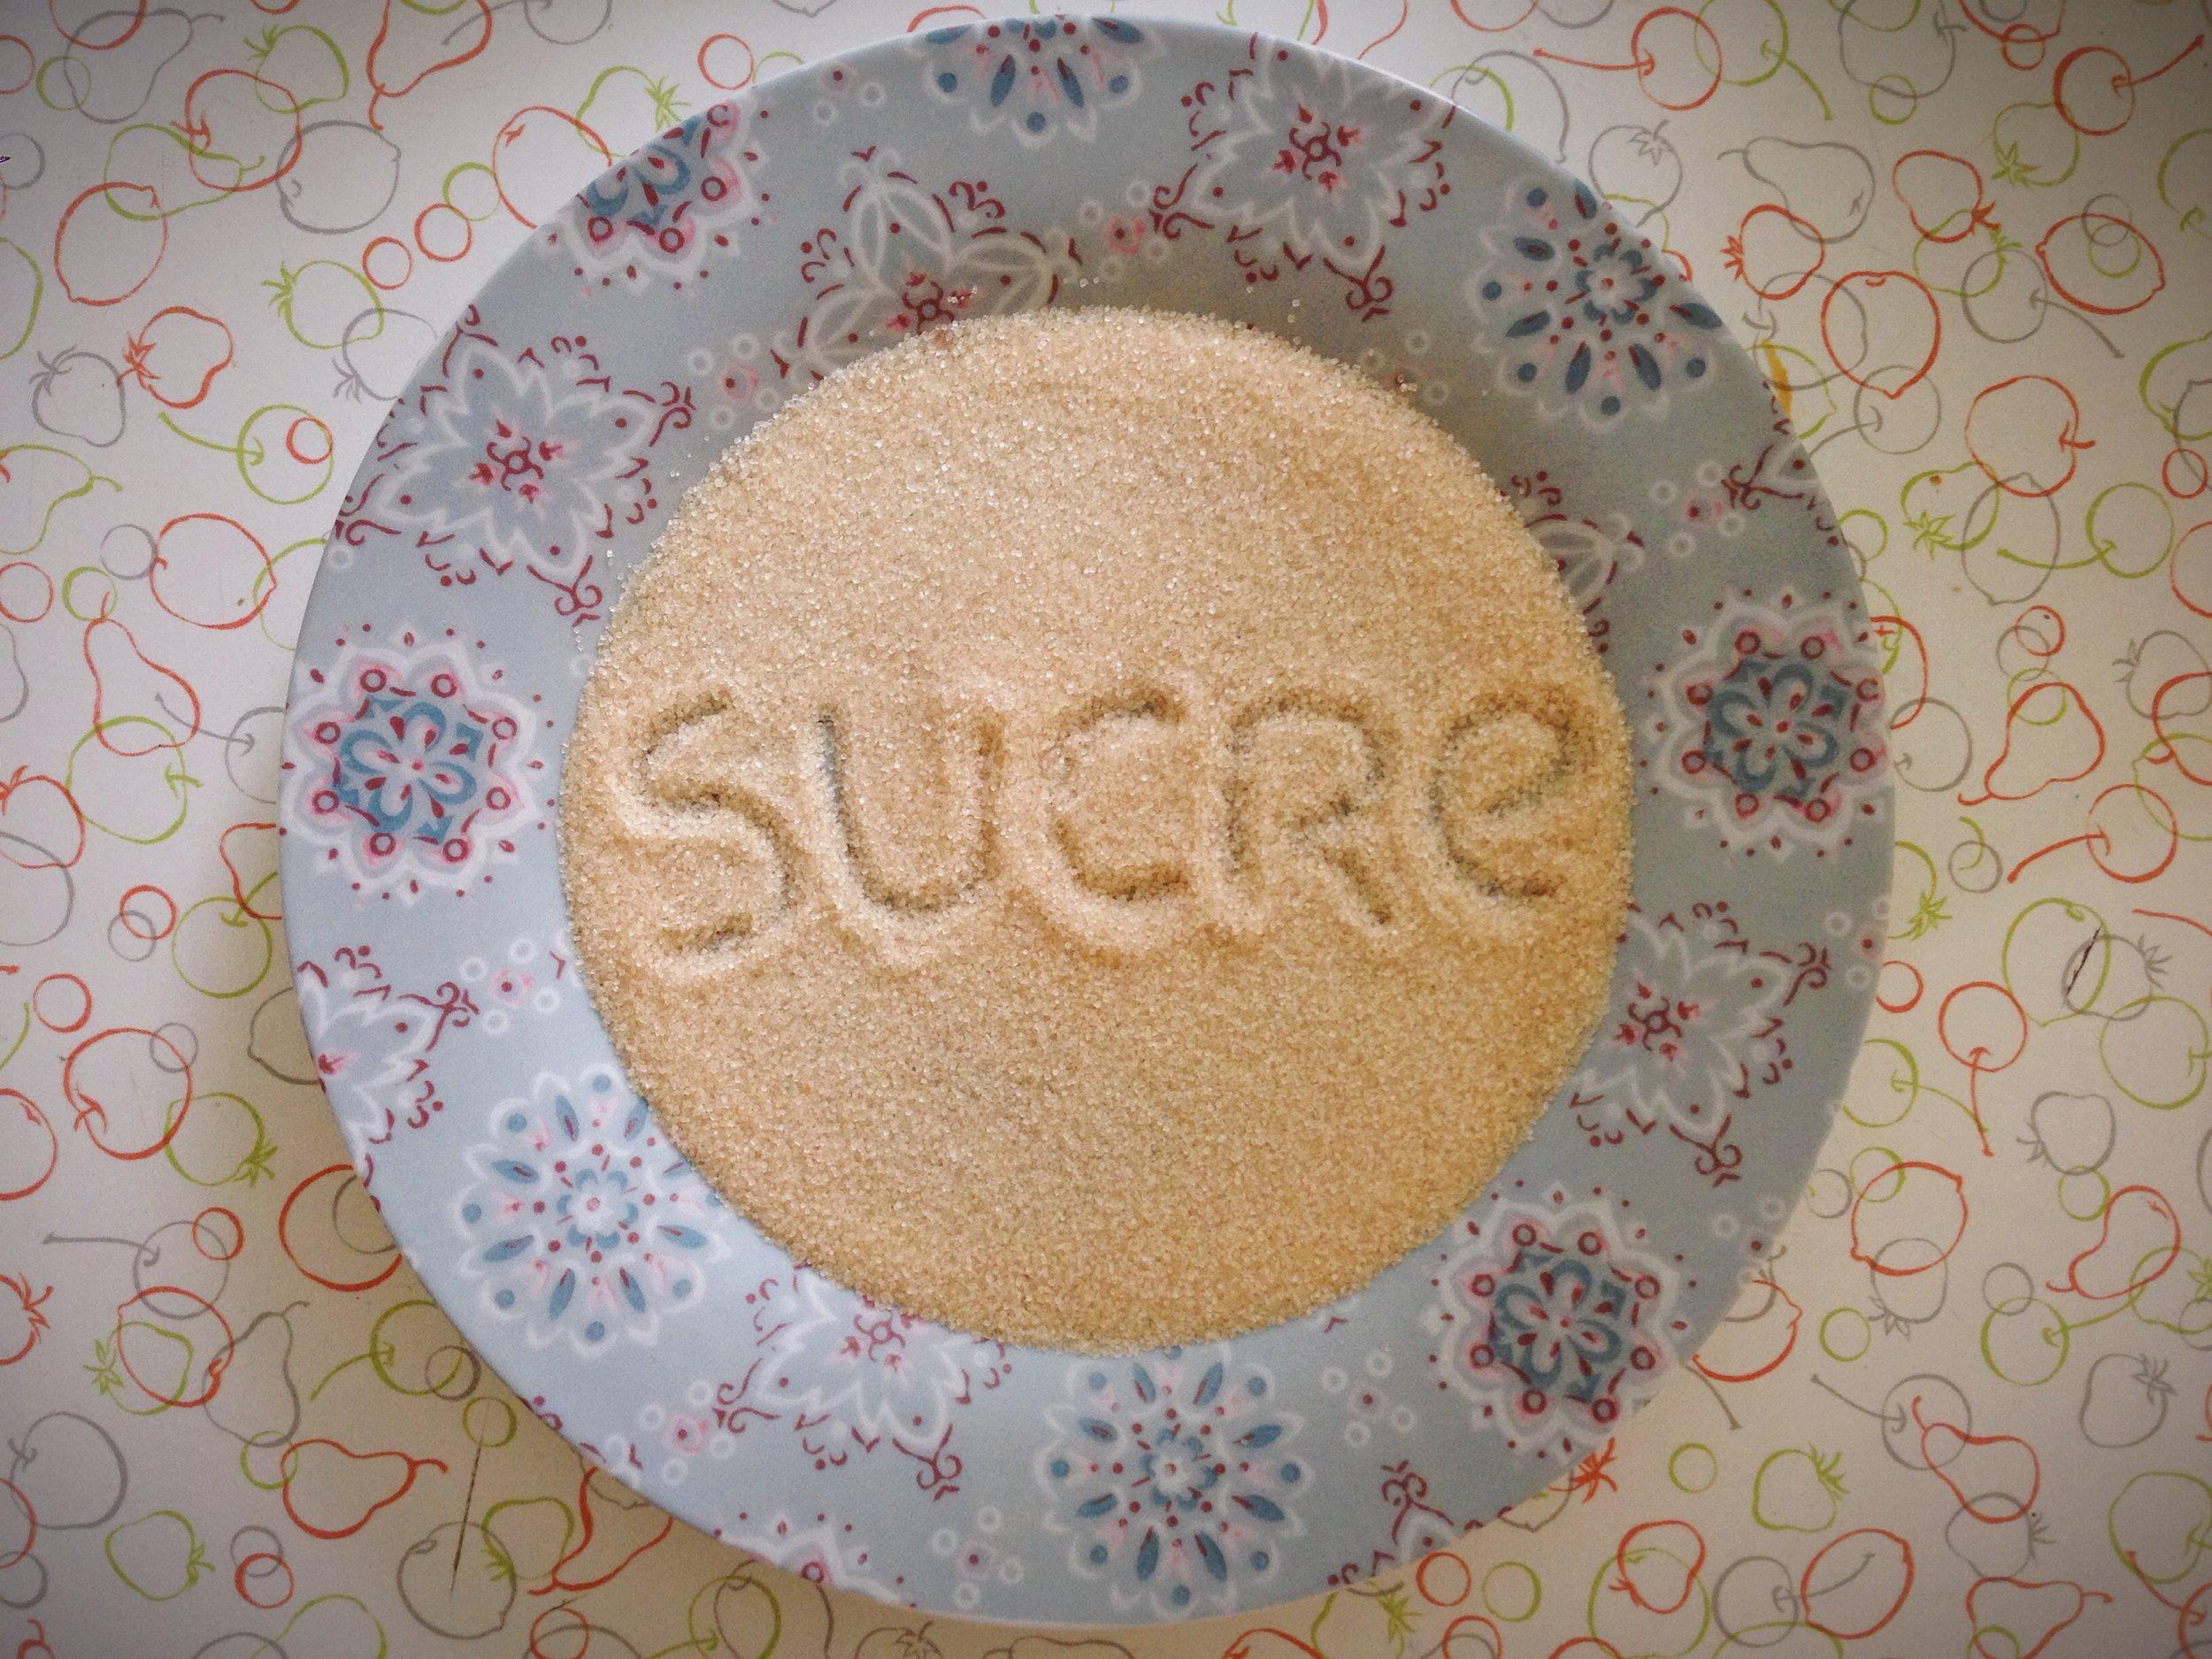 le sucre ennemi public.jpg